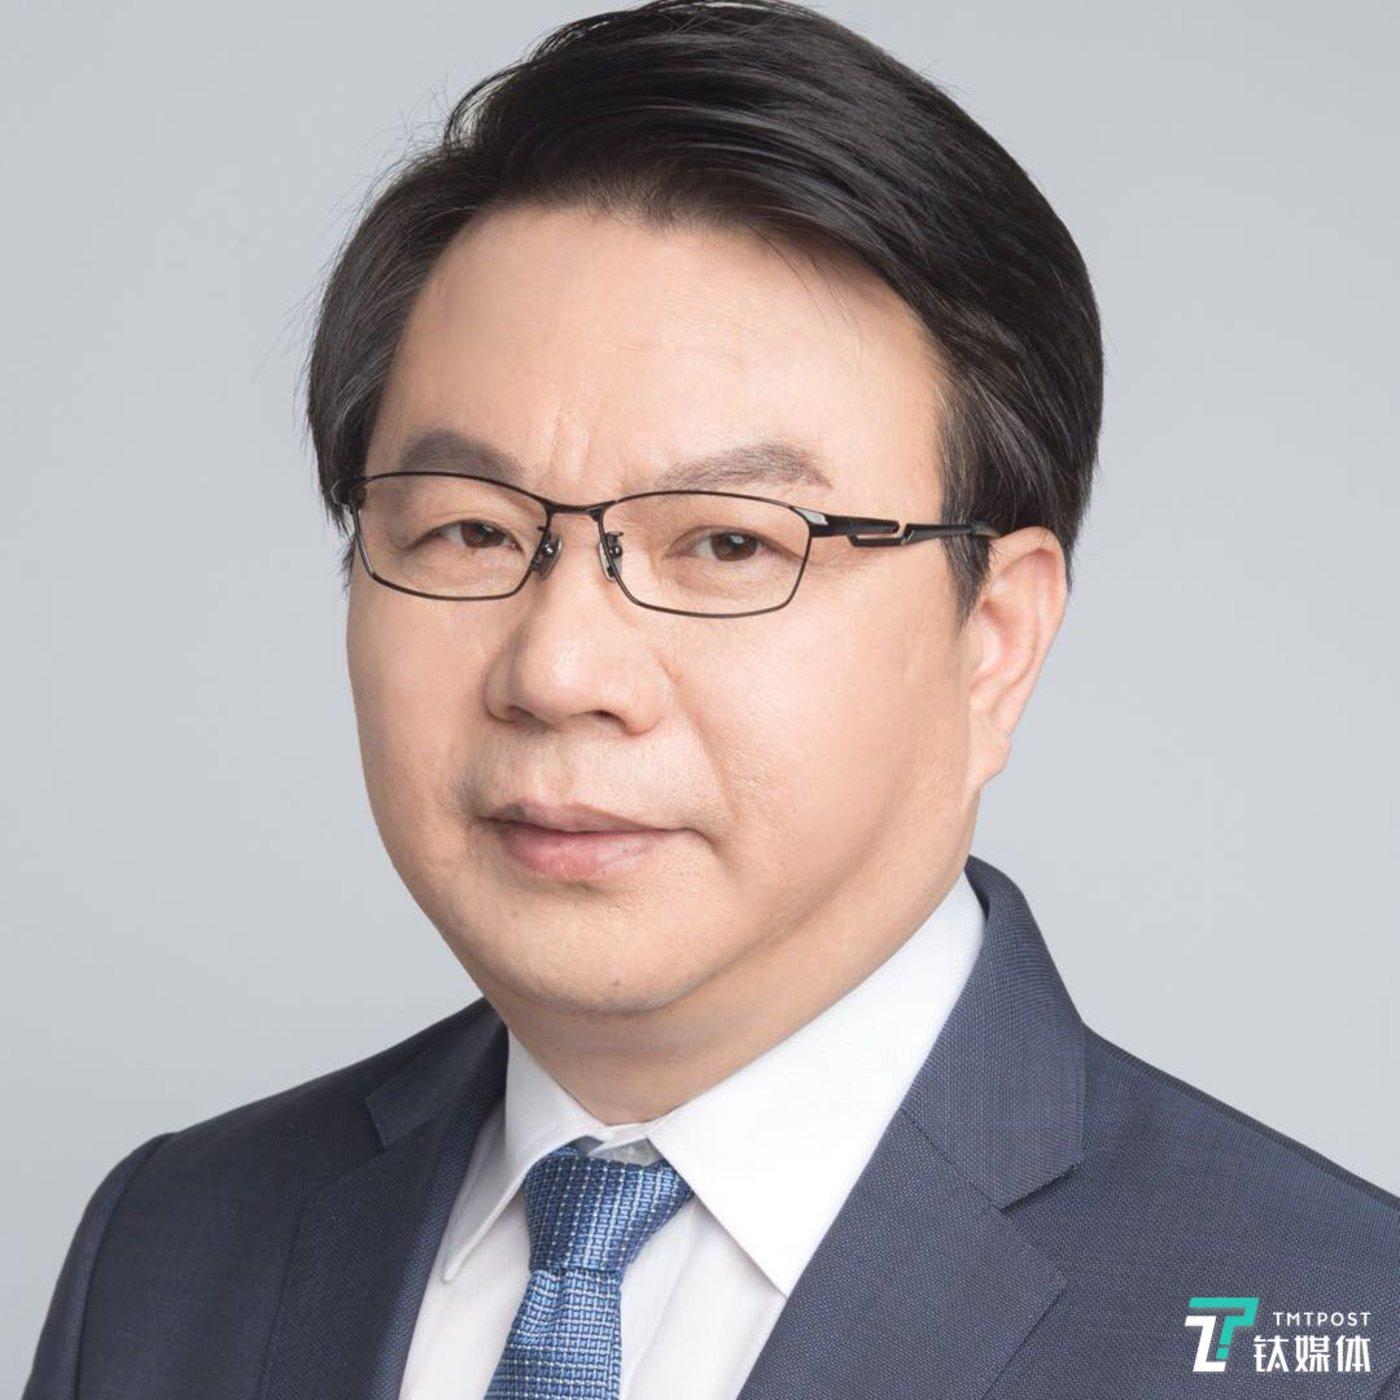 海信集团高级副总裁陈维强